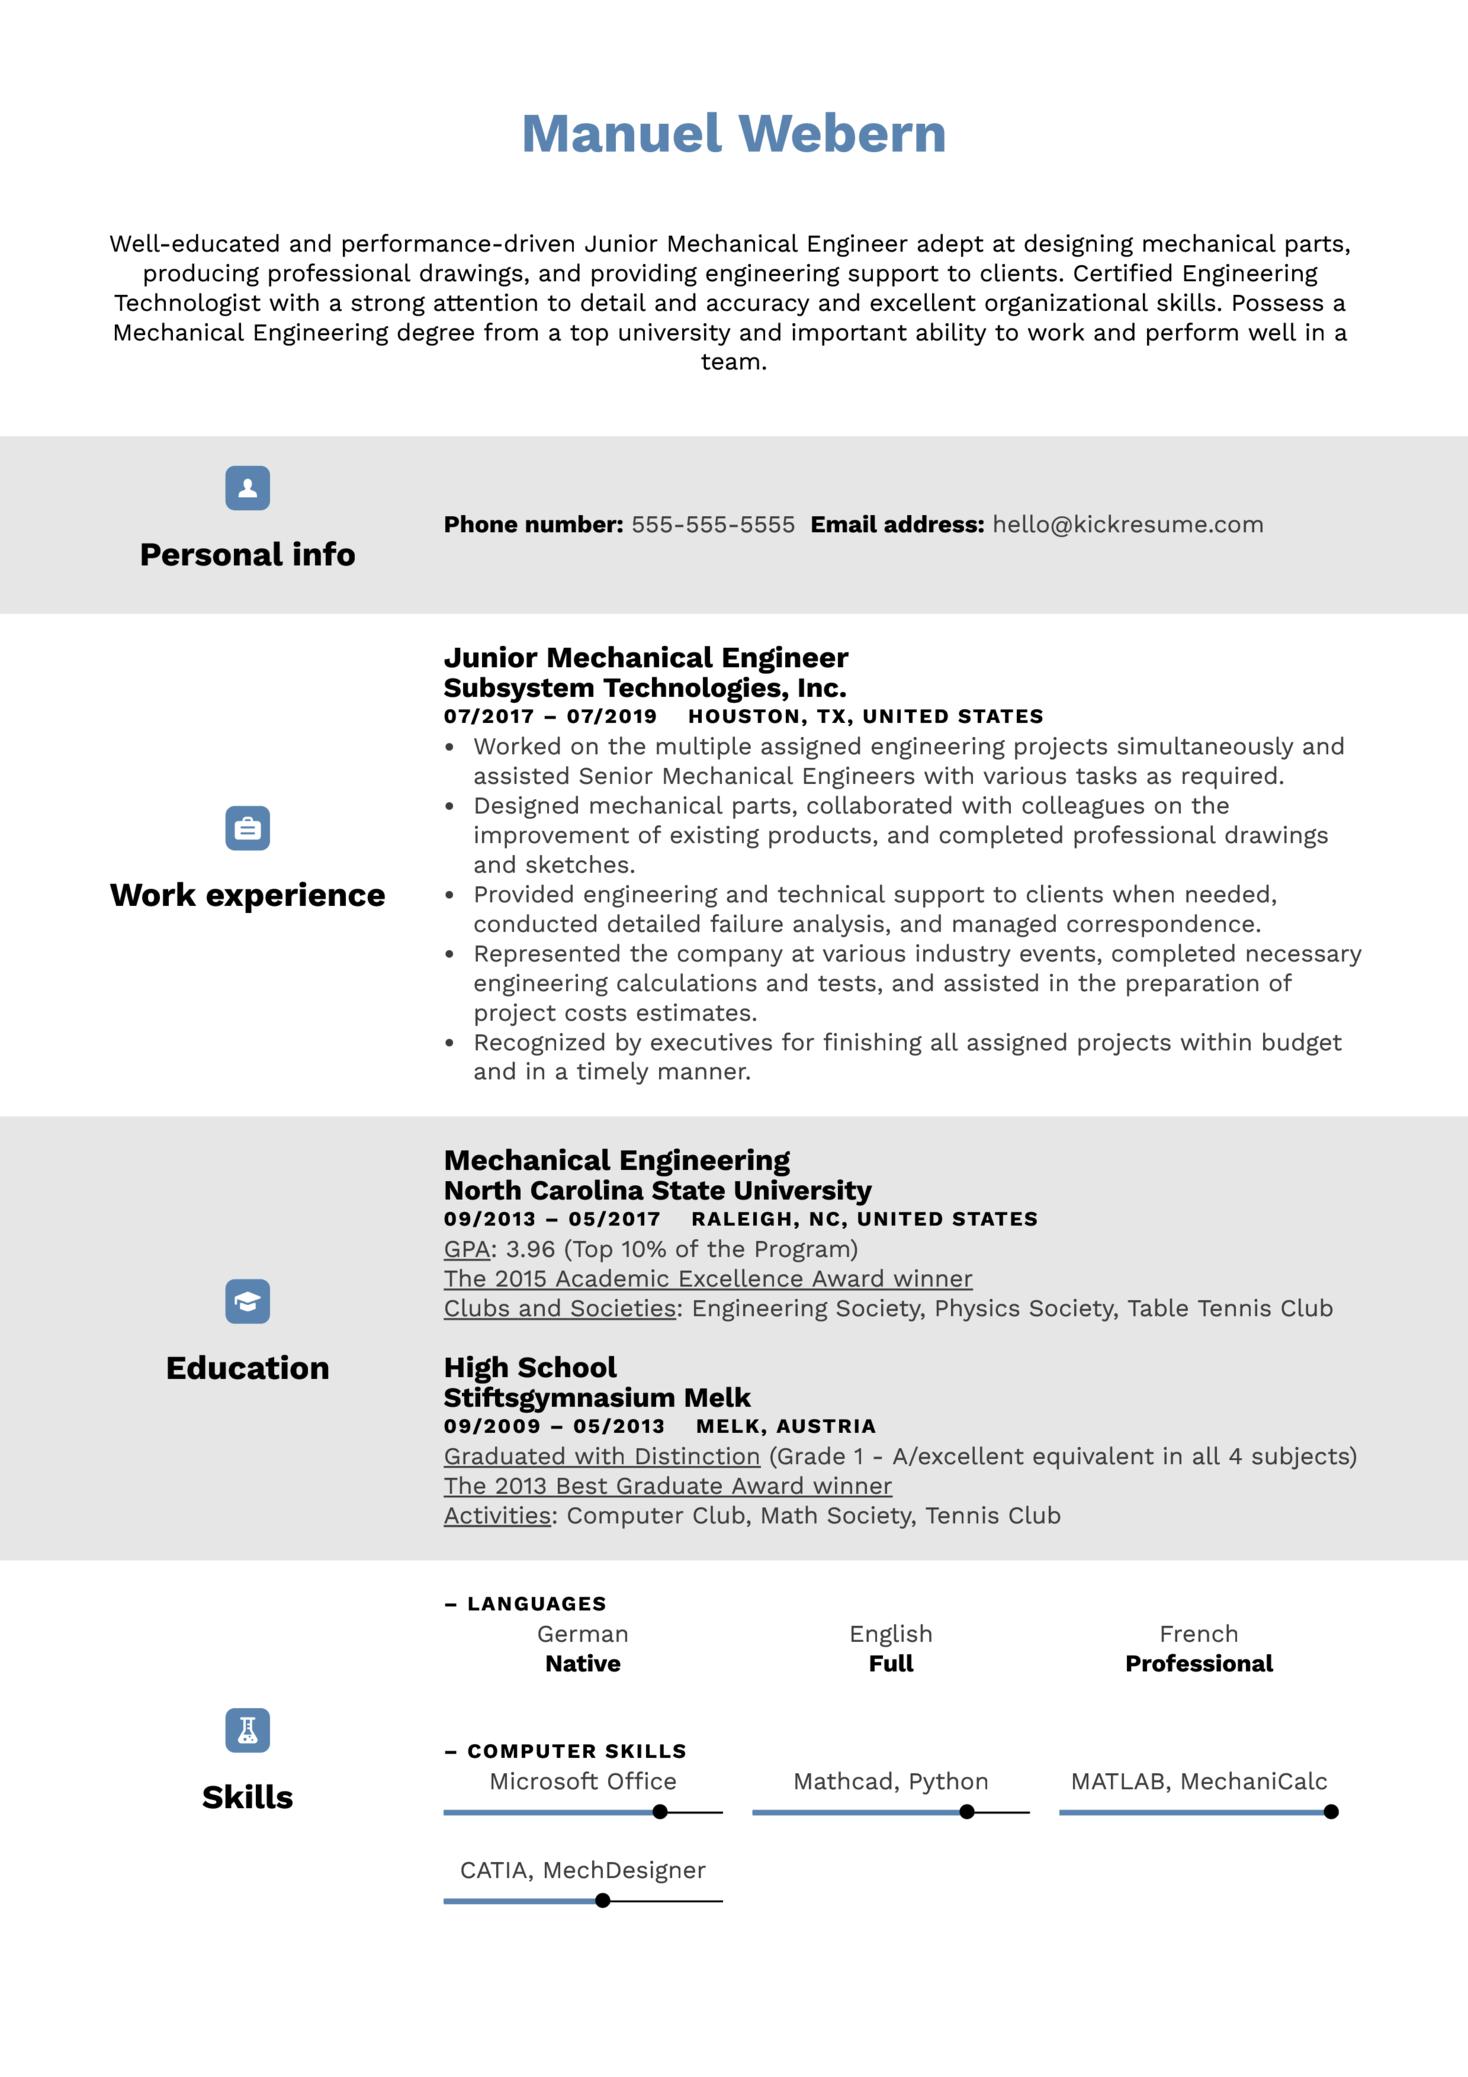 Junior Mechanical Engineer Resume Sample (parte 1)